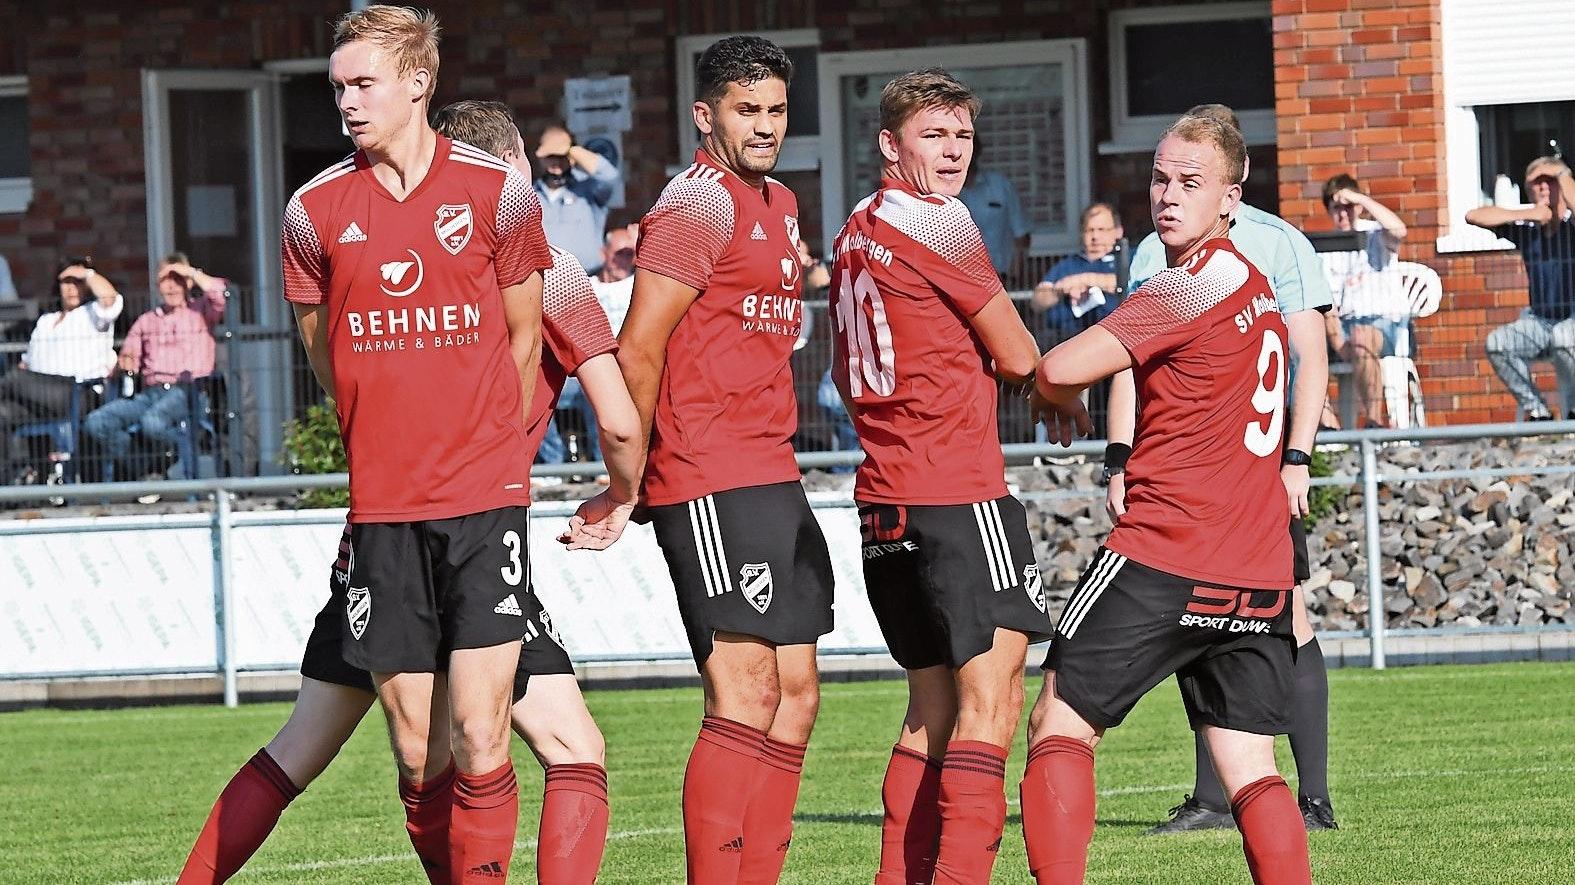 Blickrichtung Neustart: Molbergens Fußballer haben bislang erst zwei Punktspiele absolviert. Am 18. Oktober soll's nun mit dem Gastspiel beim Kreisrivalen SV Altenoythe weitergehen. Foto: Wulfers